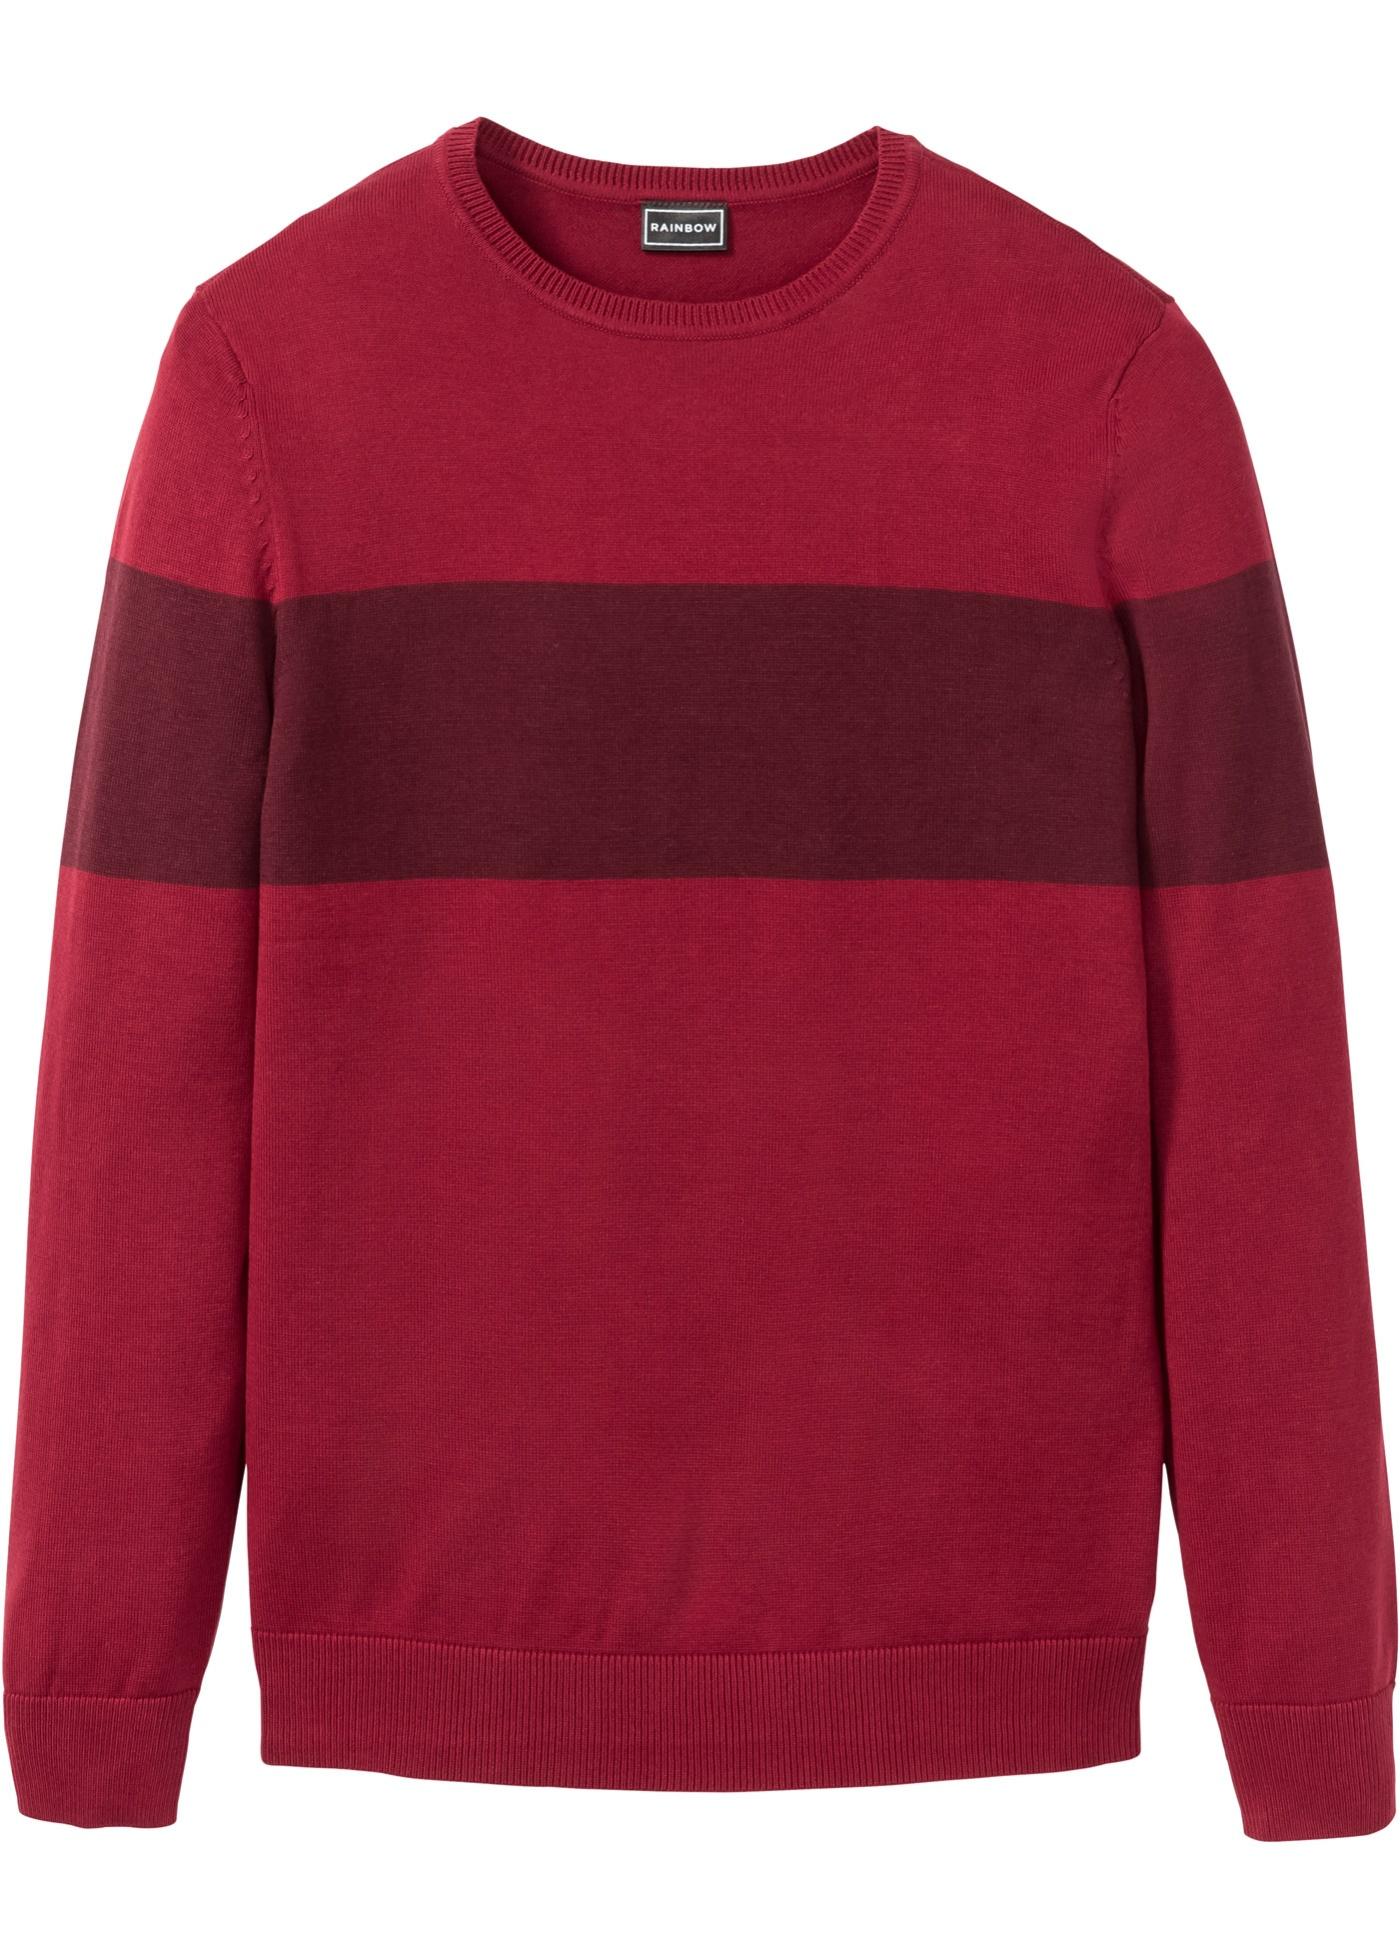 Pullover con fasce a contrasto (Rosso) - RAINBOW